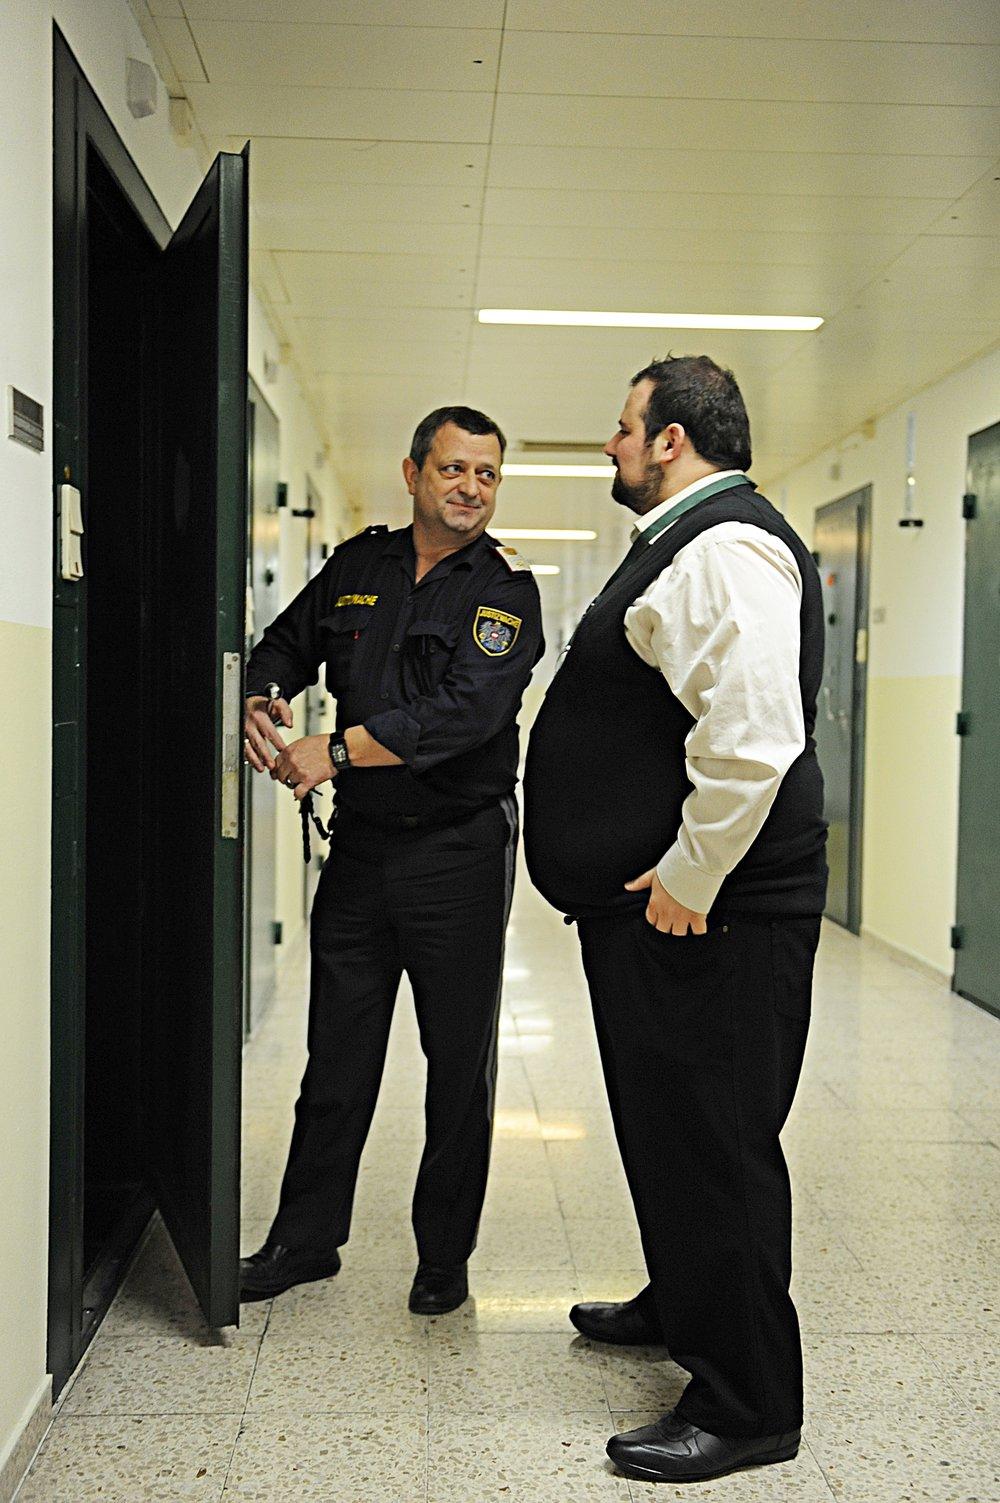 Ramazans Arbeit wird in der Justizanstalt Josefstadt sehr geschätzt und Respektiert.